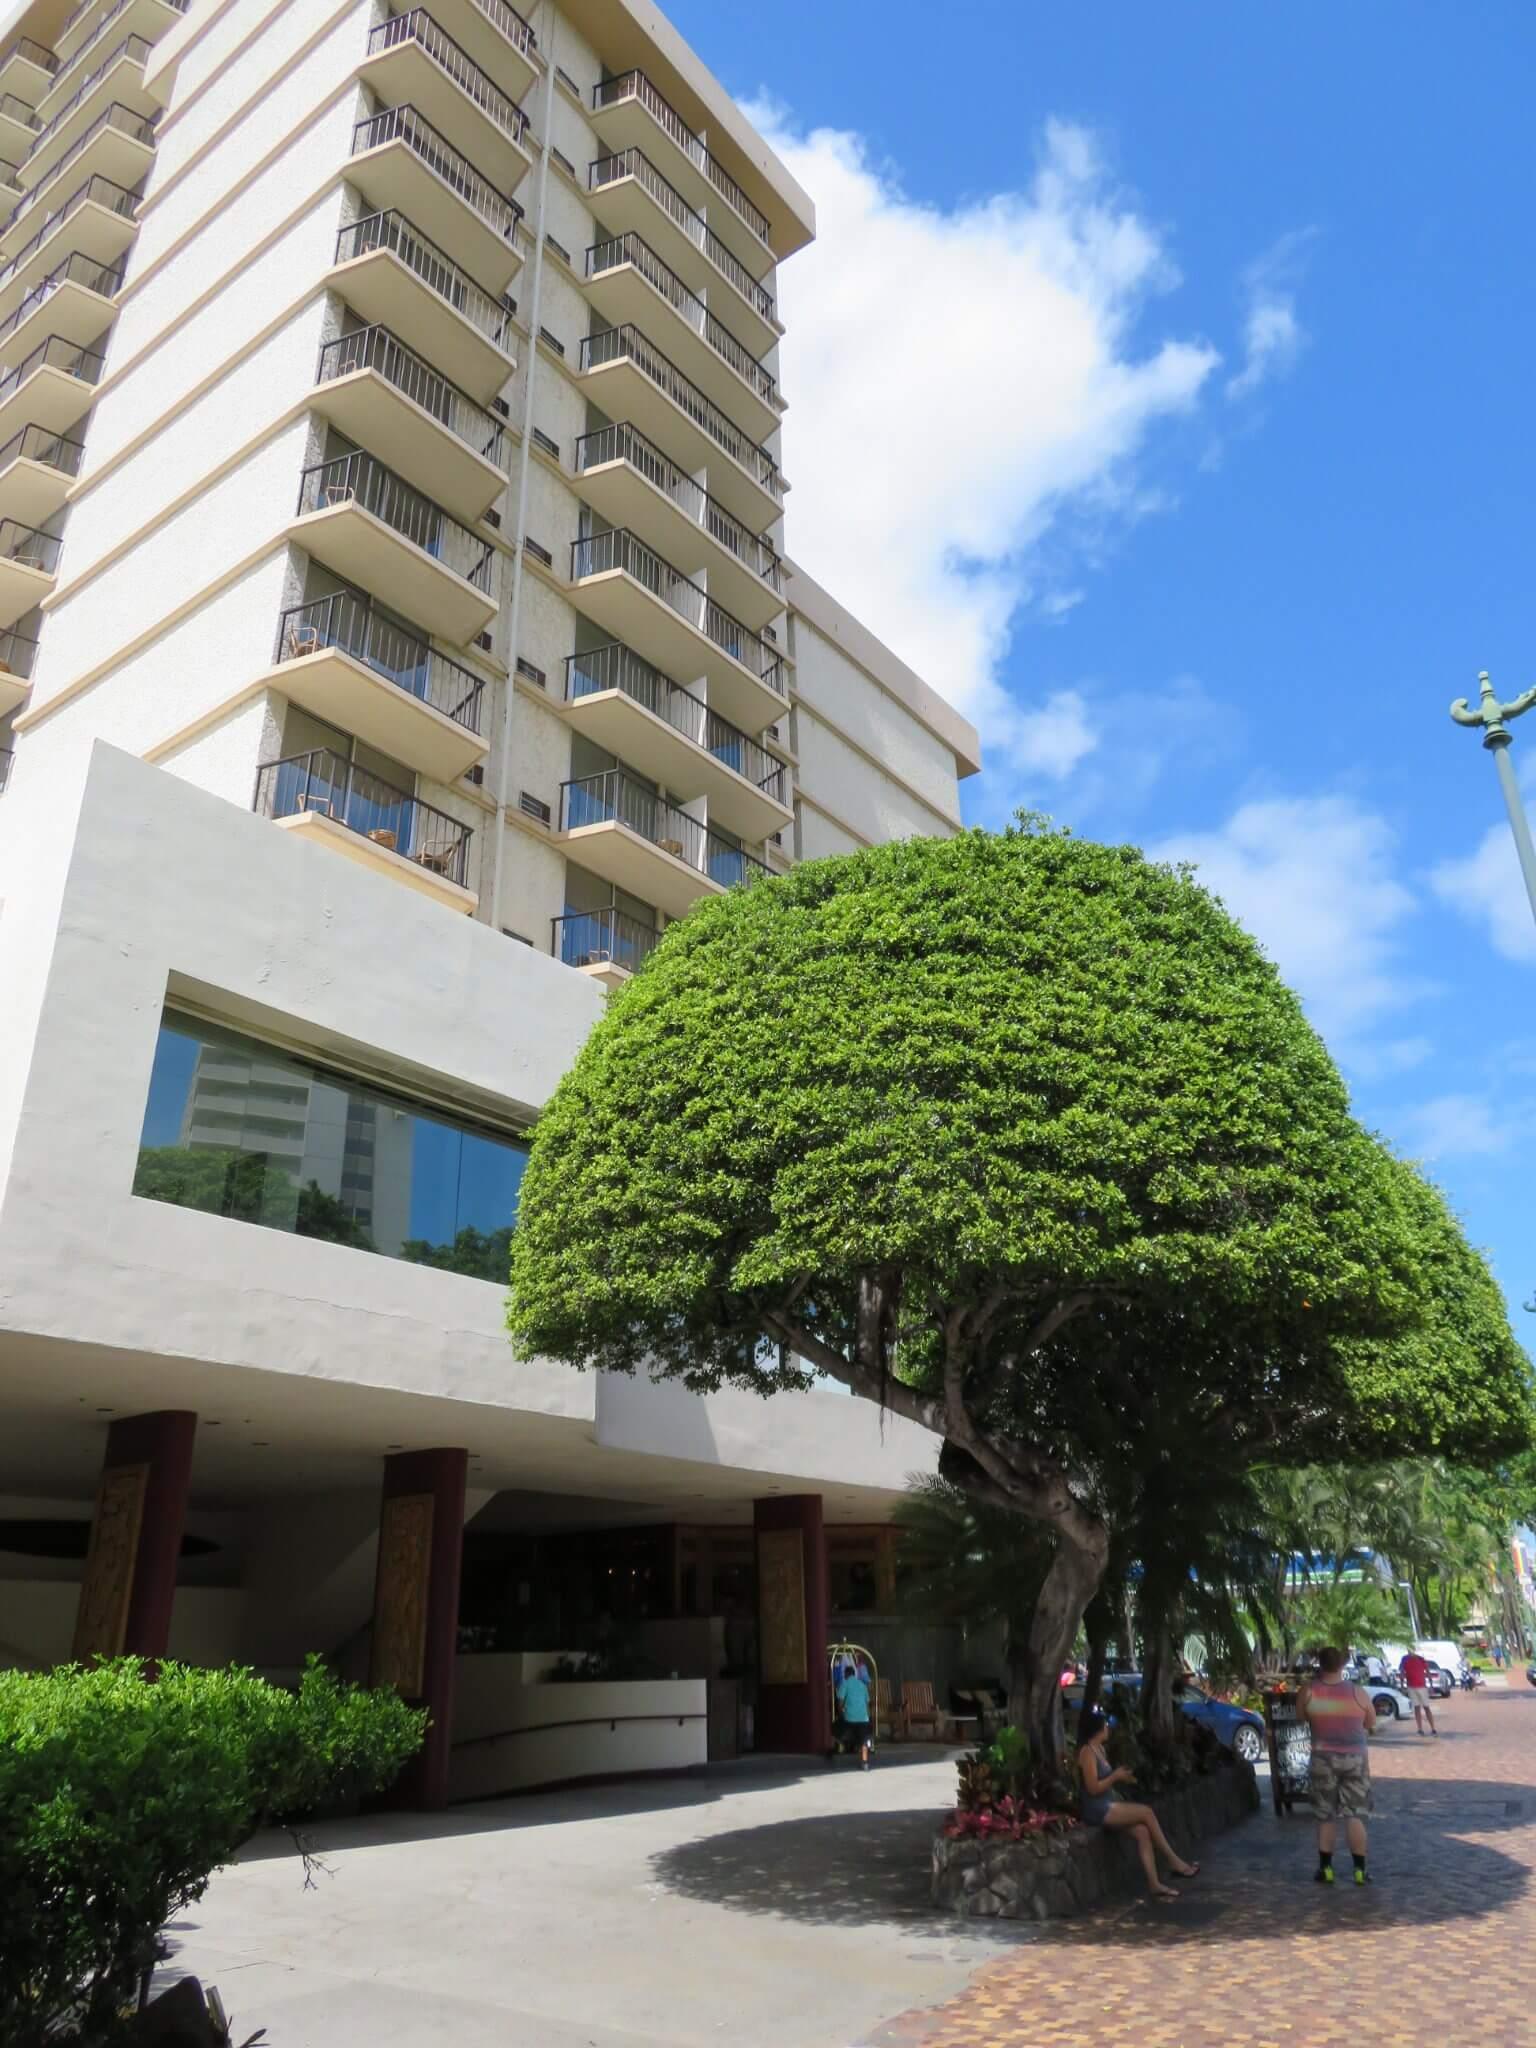 ルアナ・ワイキキ / Luana Waikiki